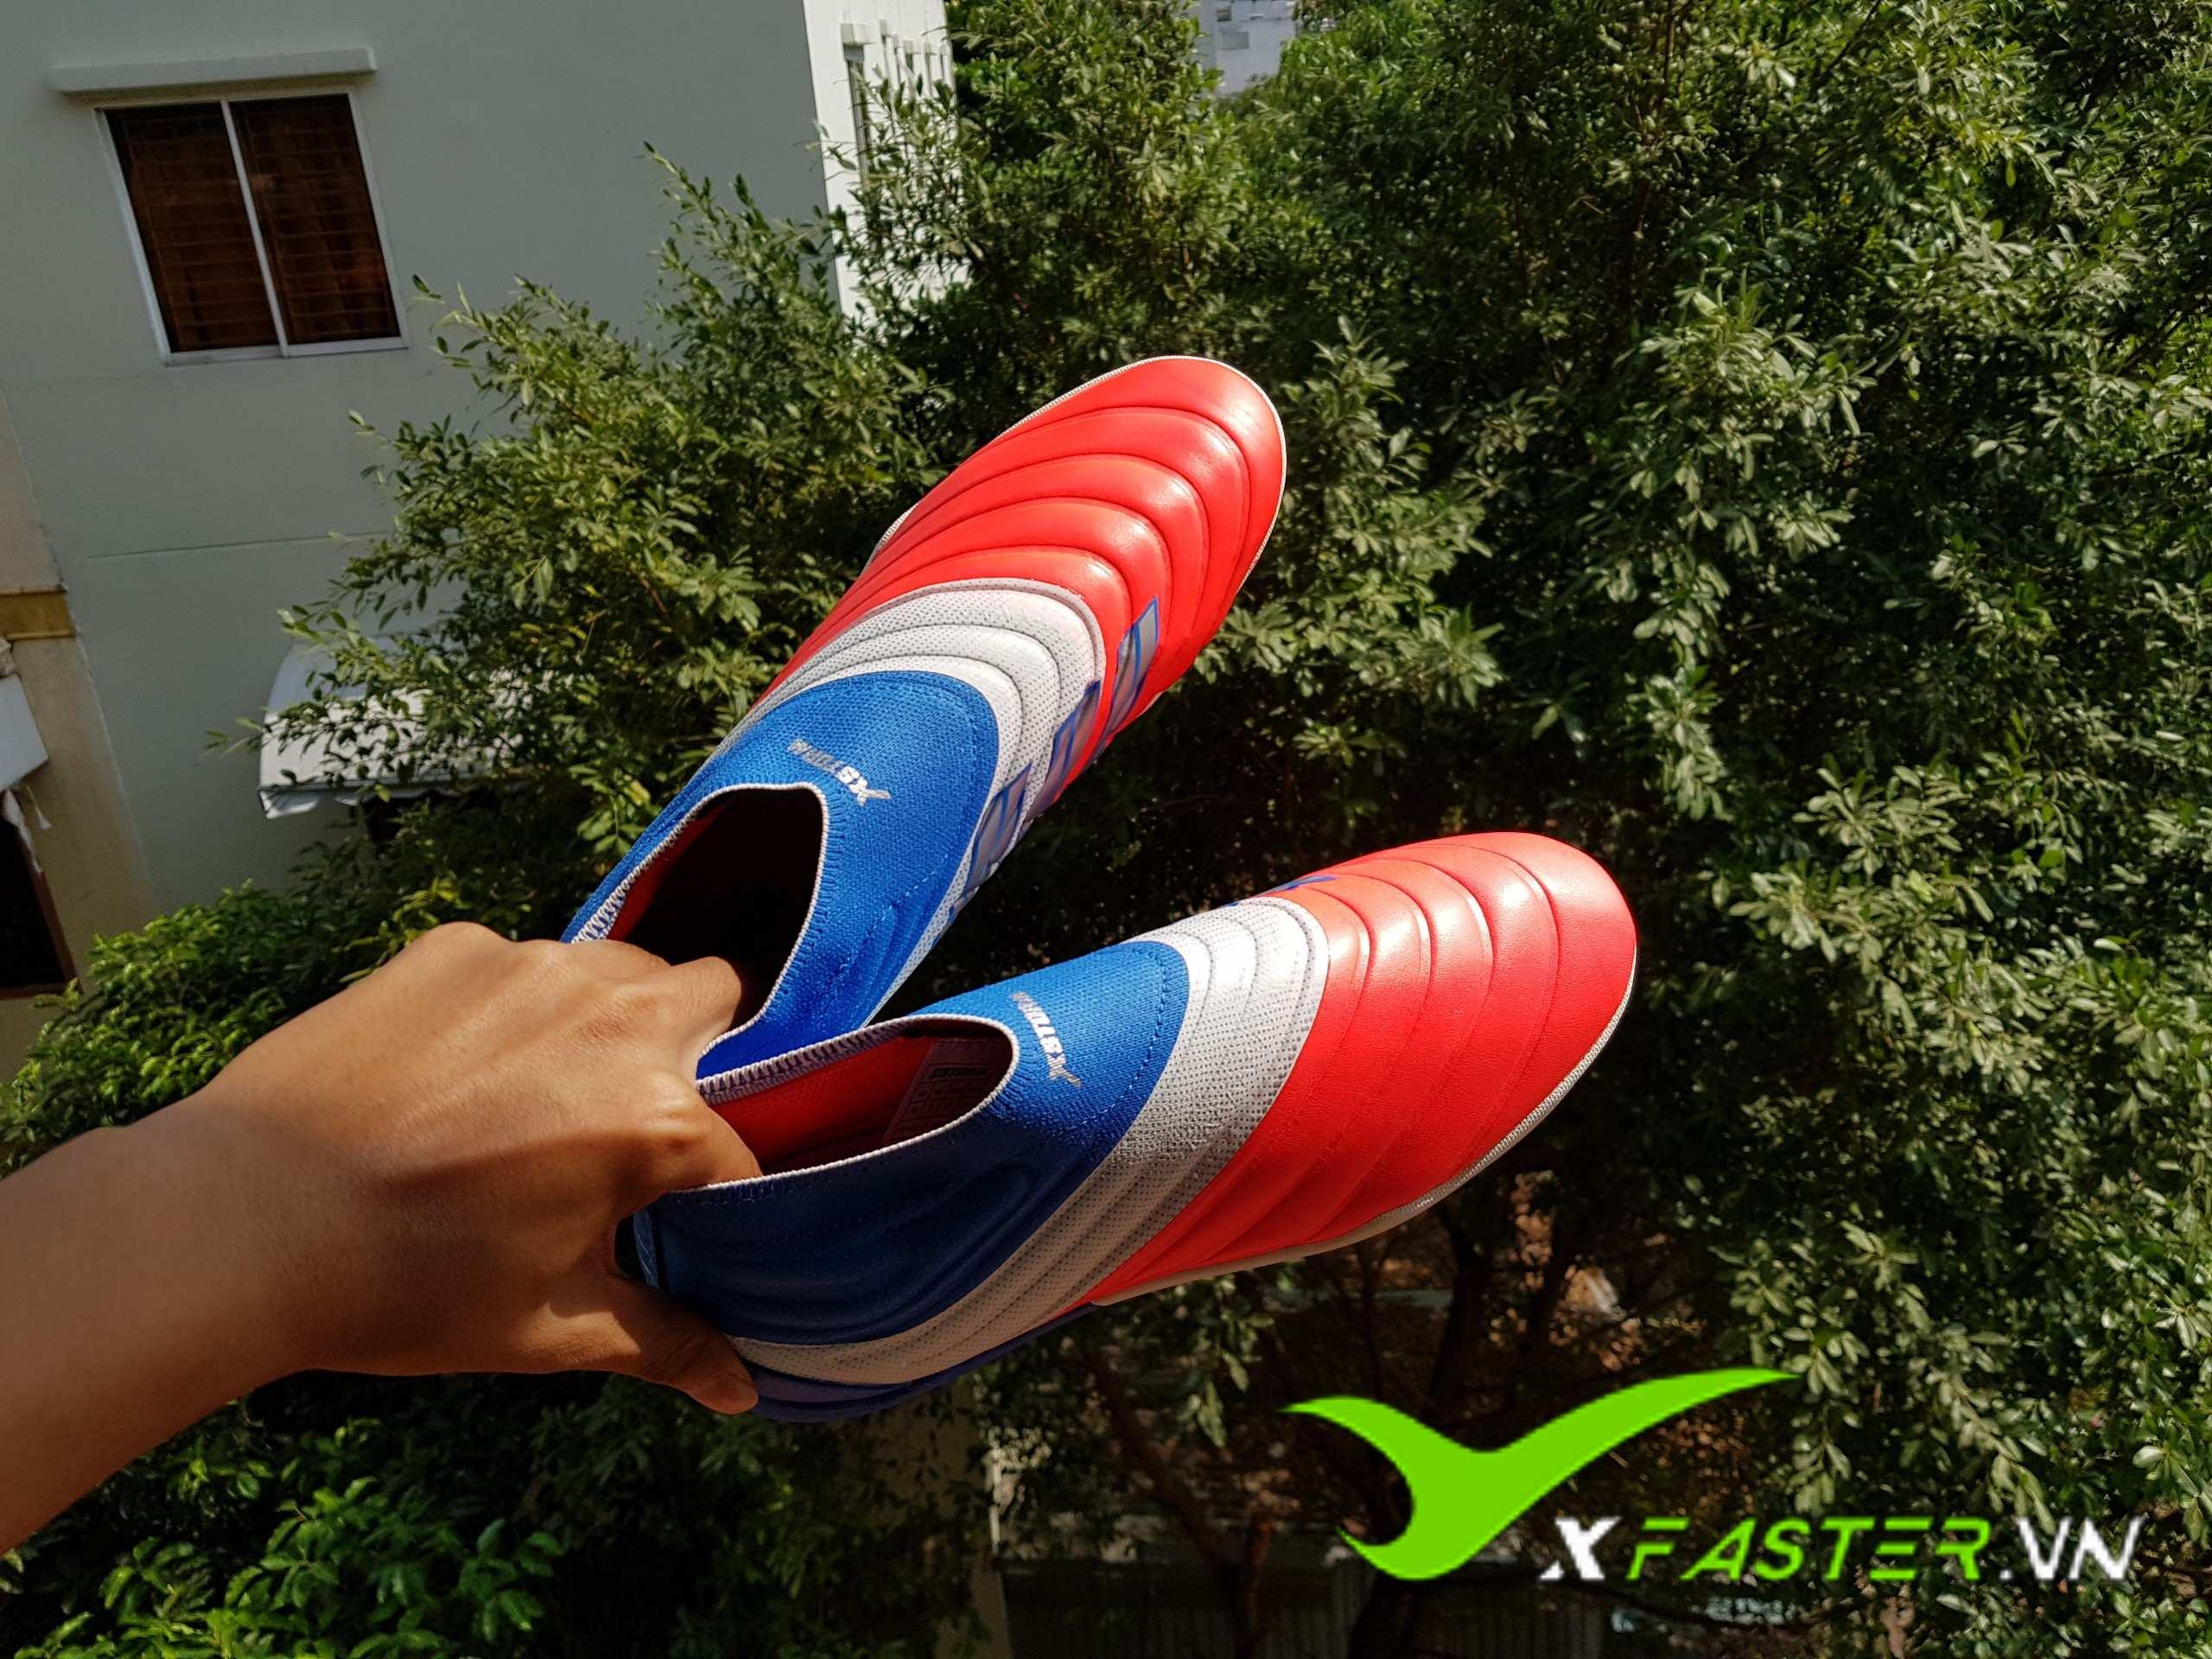 Giày đá bóng xfaster Copa không dây Xanh-Đỏ Mới